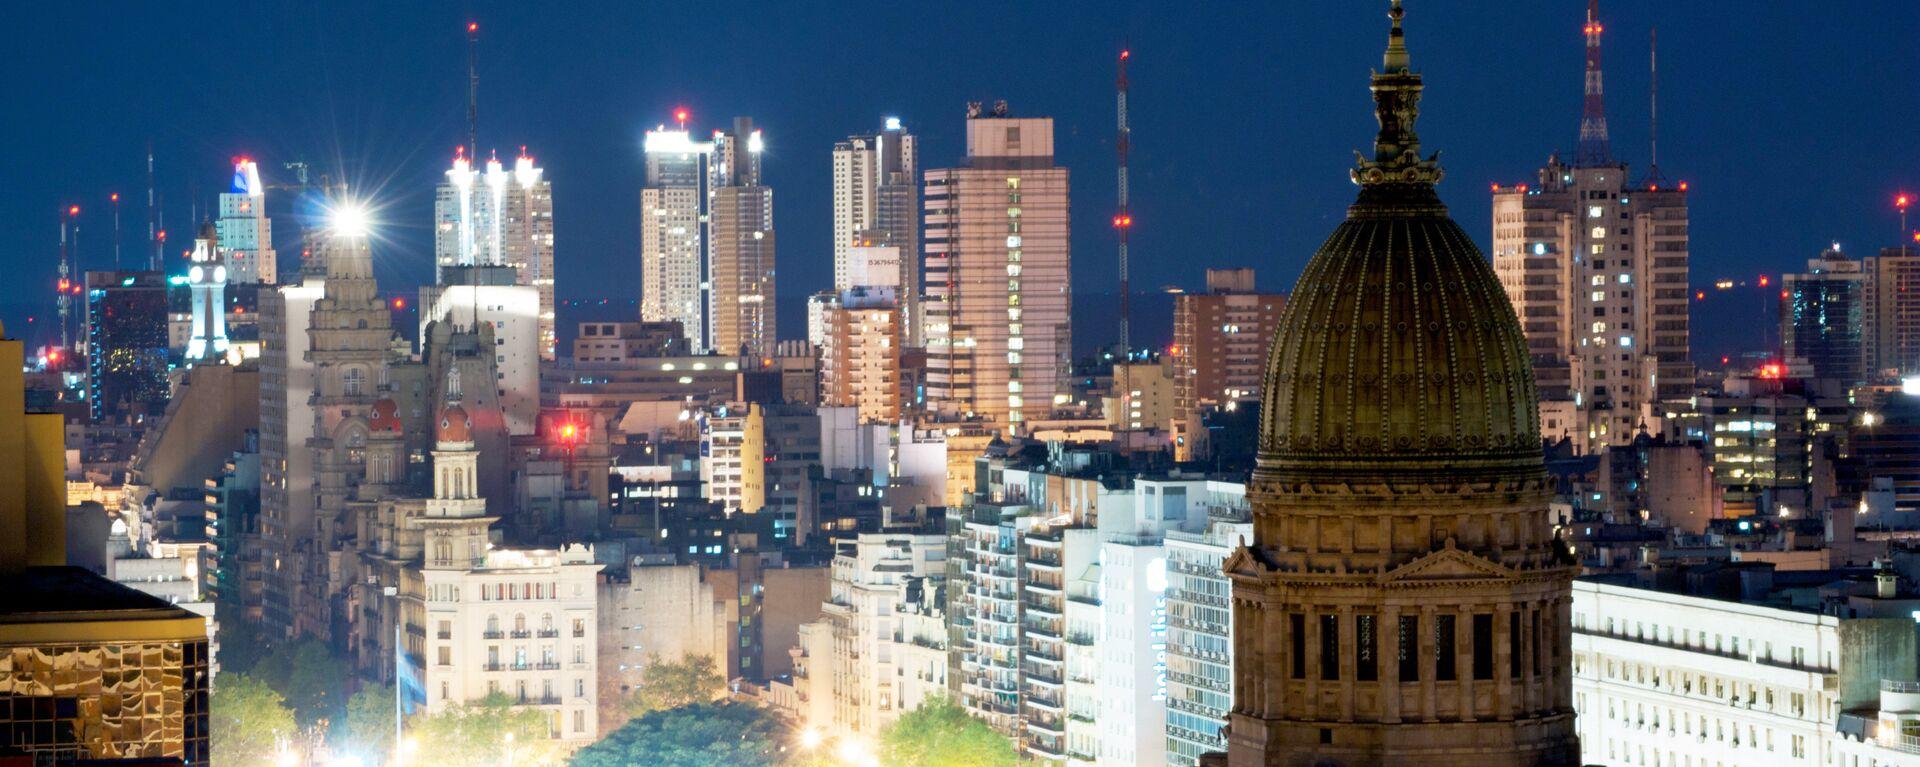 Buenos Aires, la capital de Argentina - Sputnik Mundo, 1920, 22.09.2020